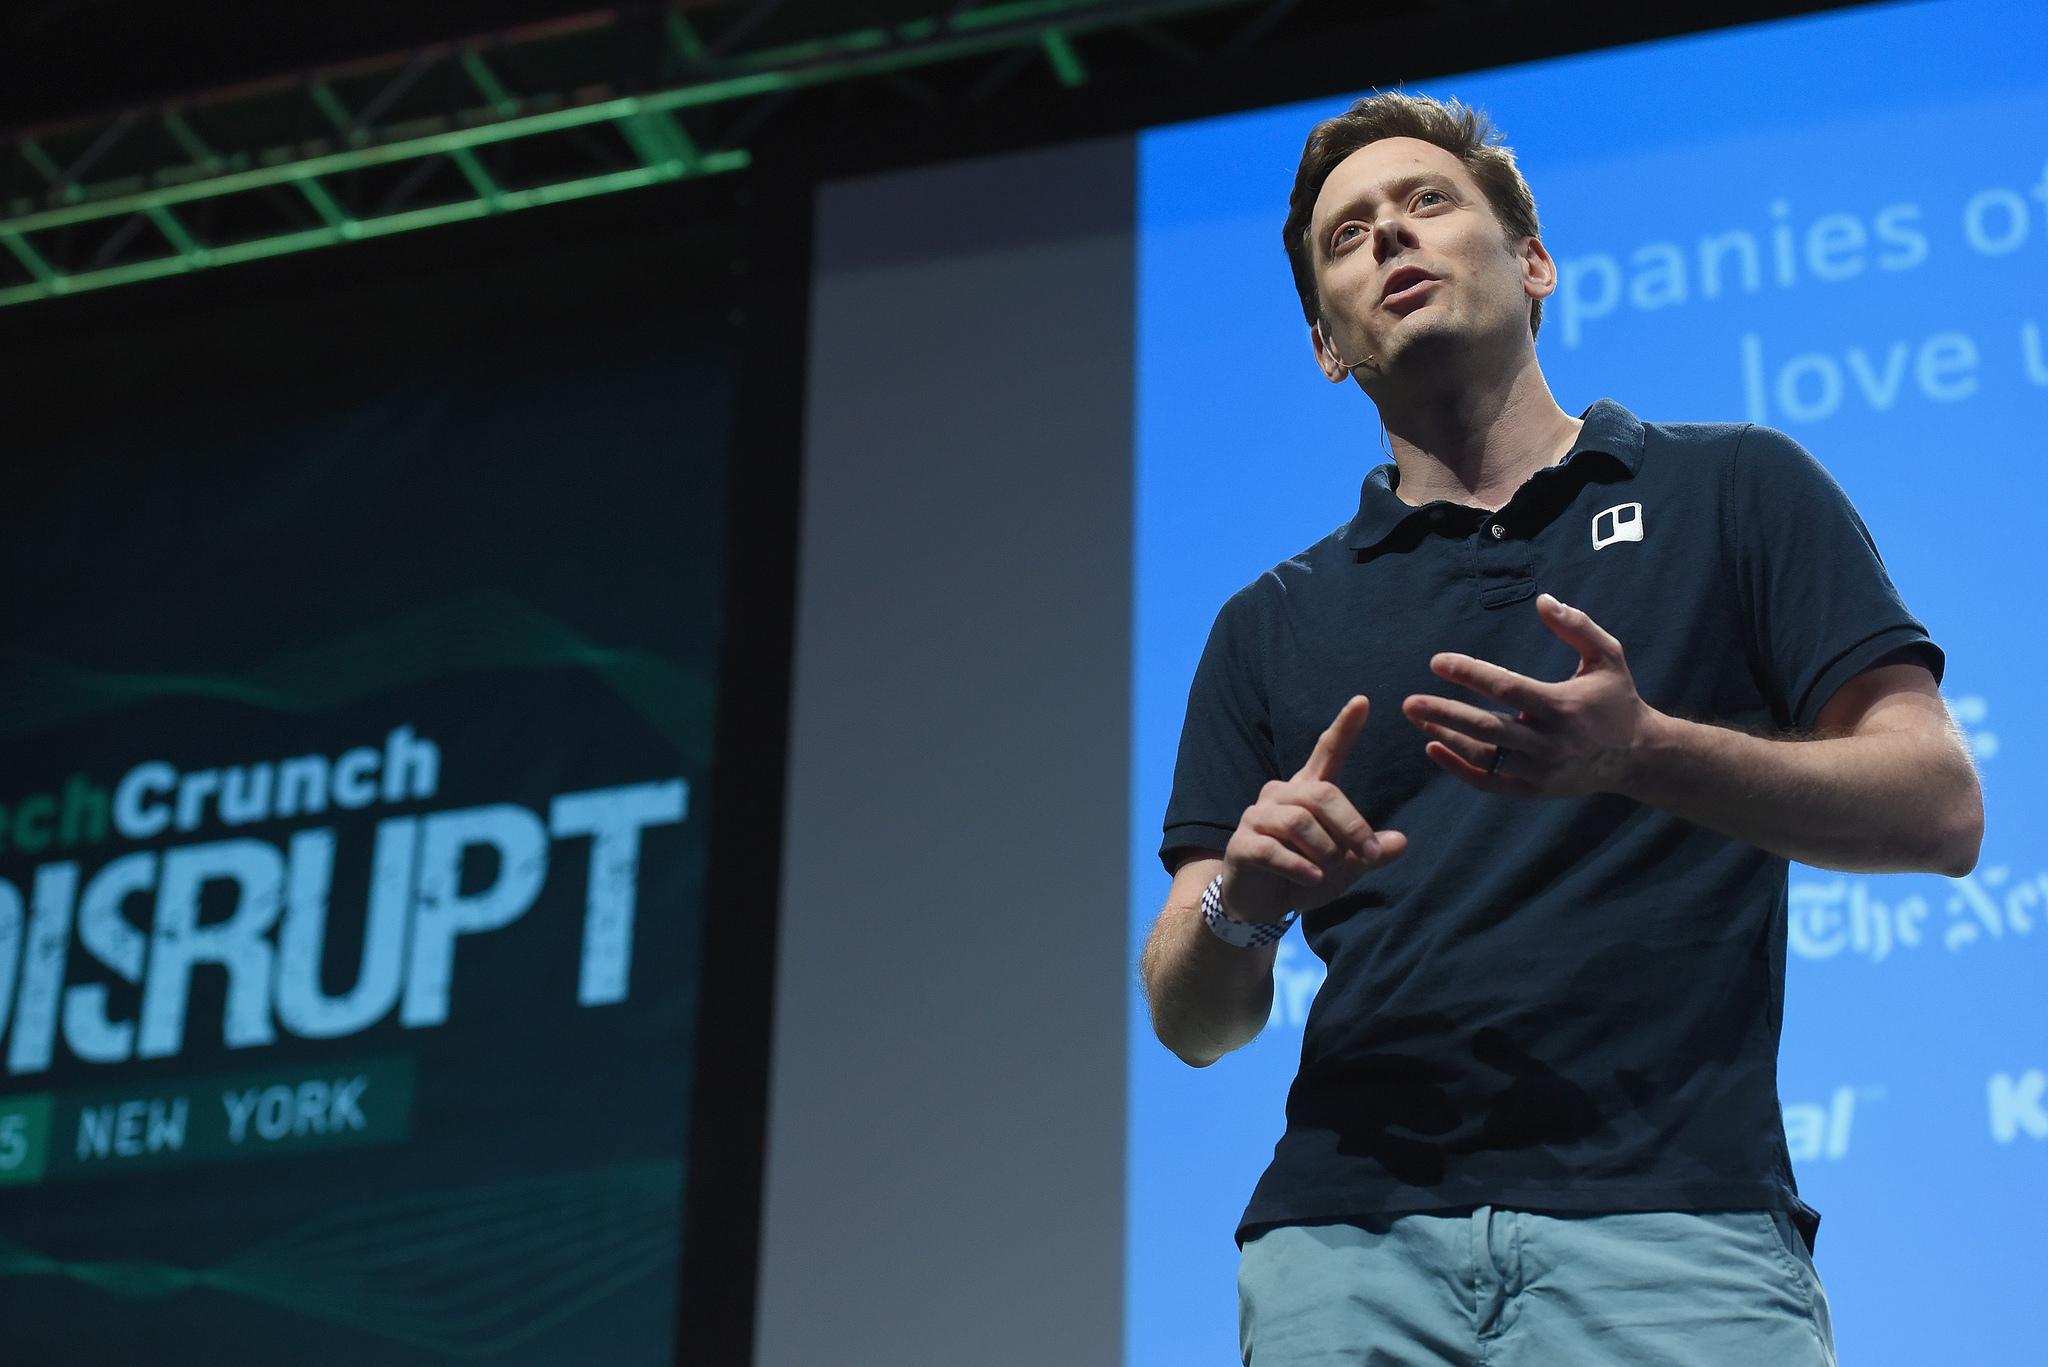 5 секретов продуктивности от создателя Trello, одного из лучших стартапов по проджект-менеджменту